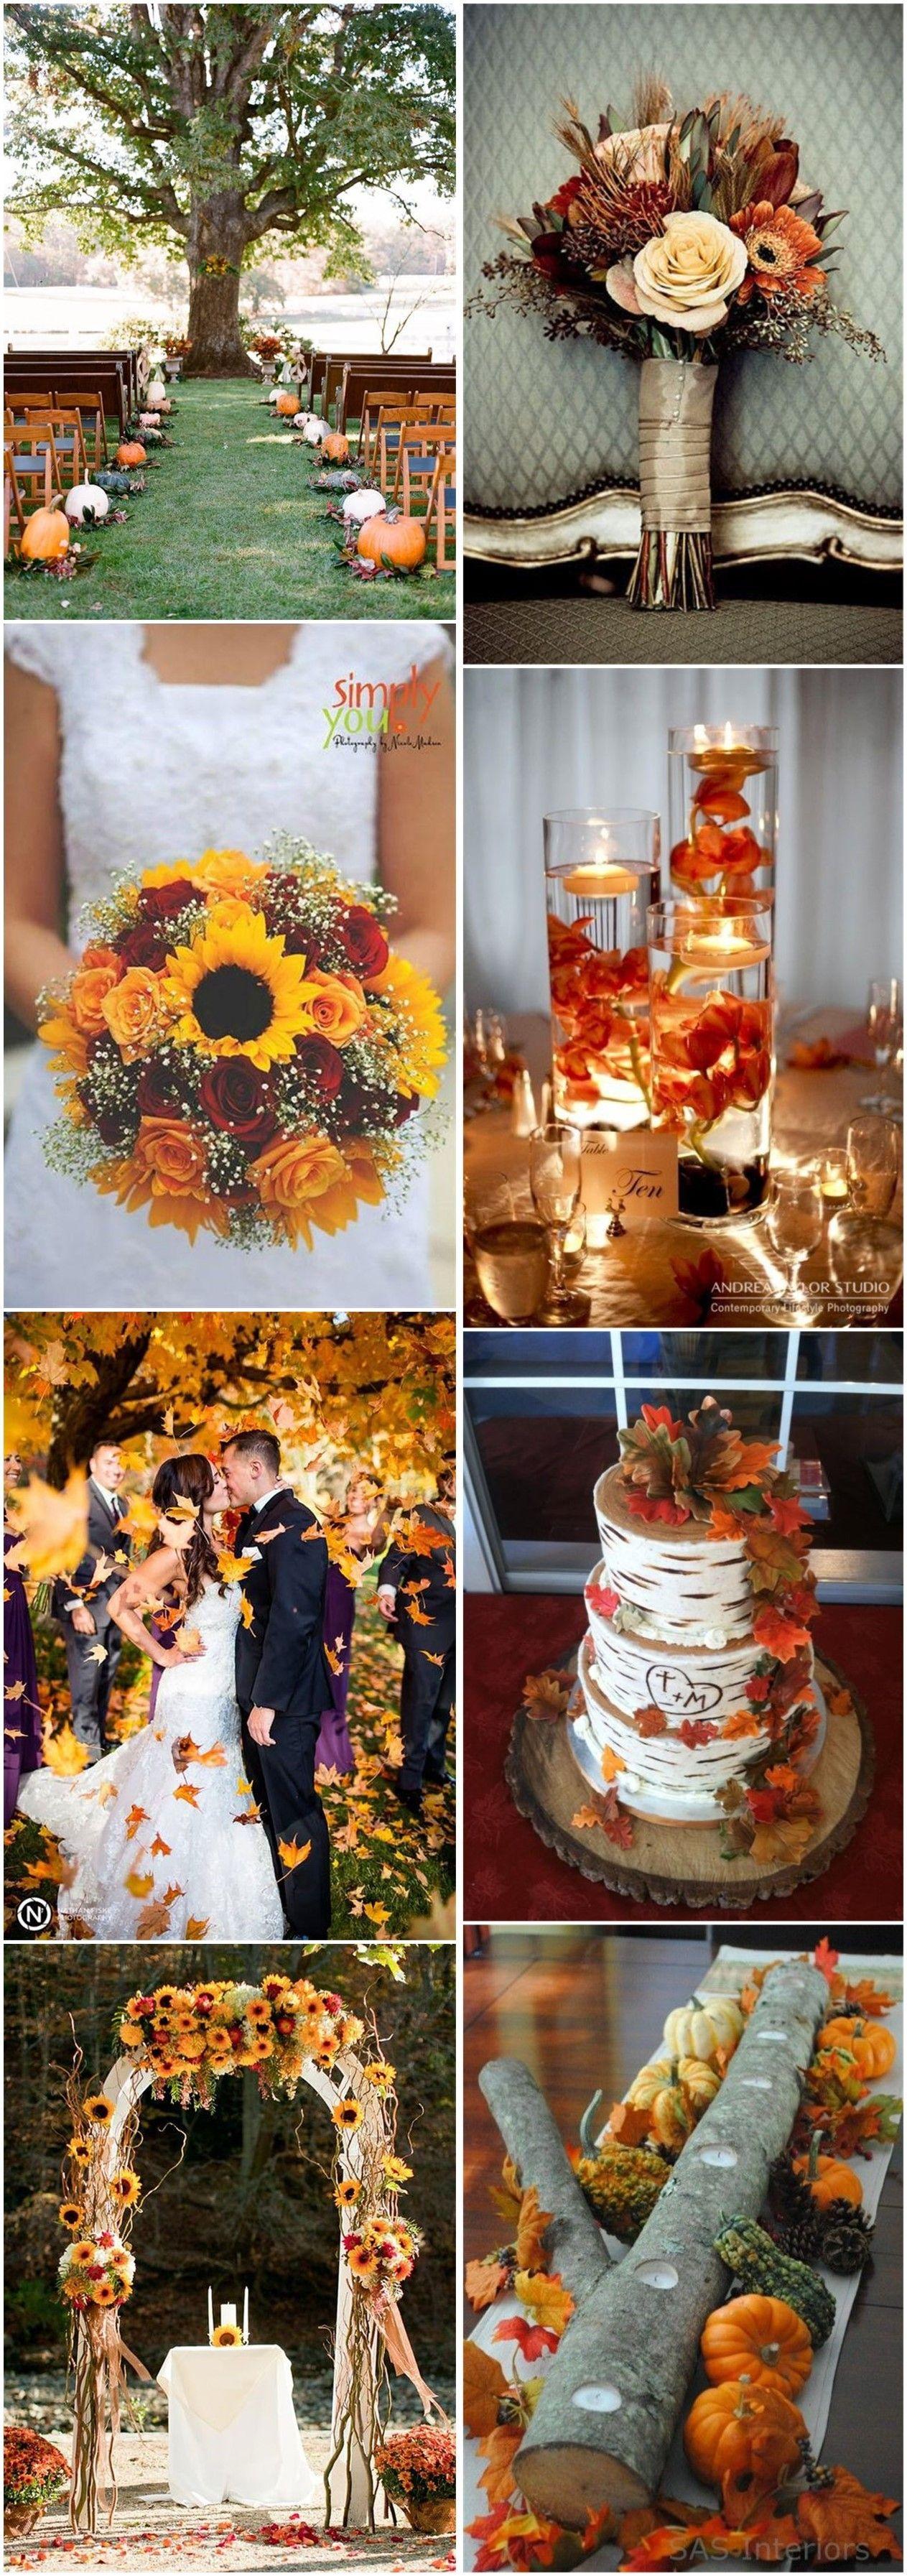 Fall wedding decor 2018   Best Fall Wedding Ideas in   Weddings Wedding and Future